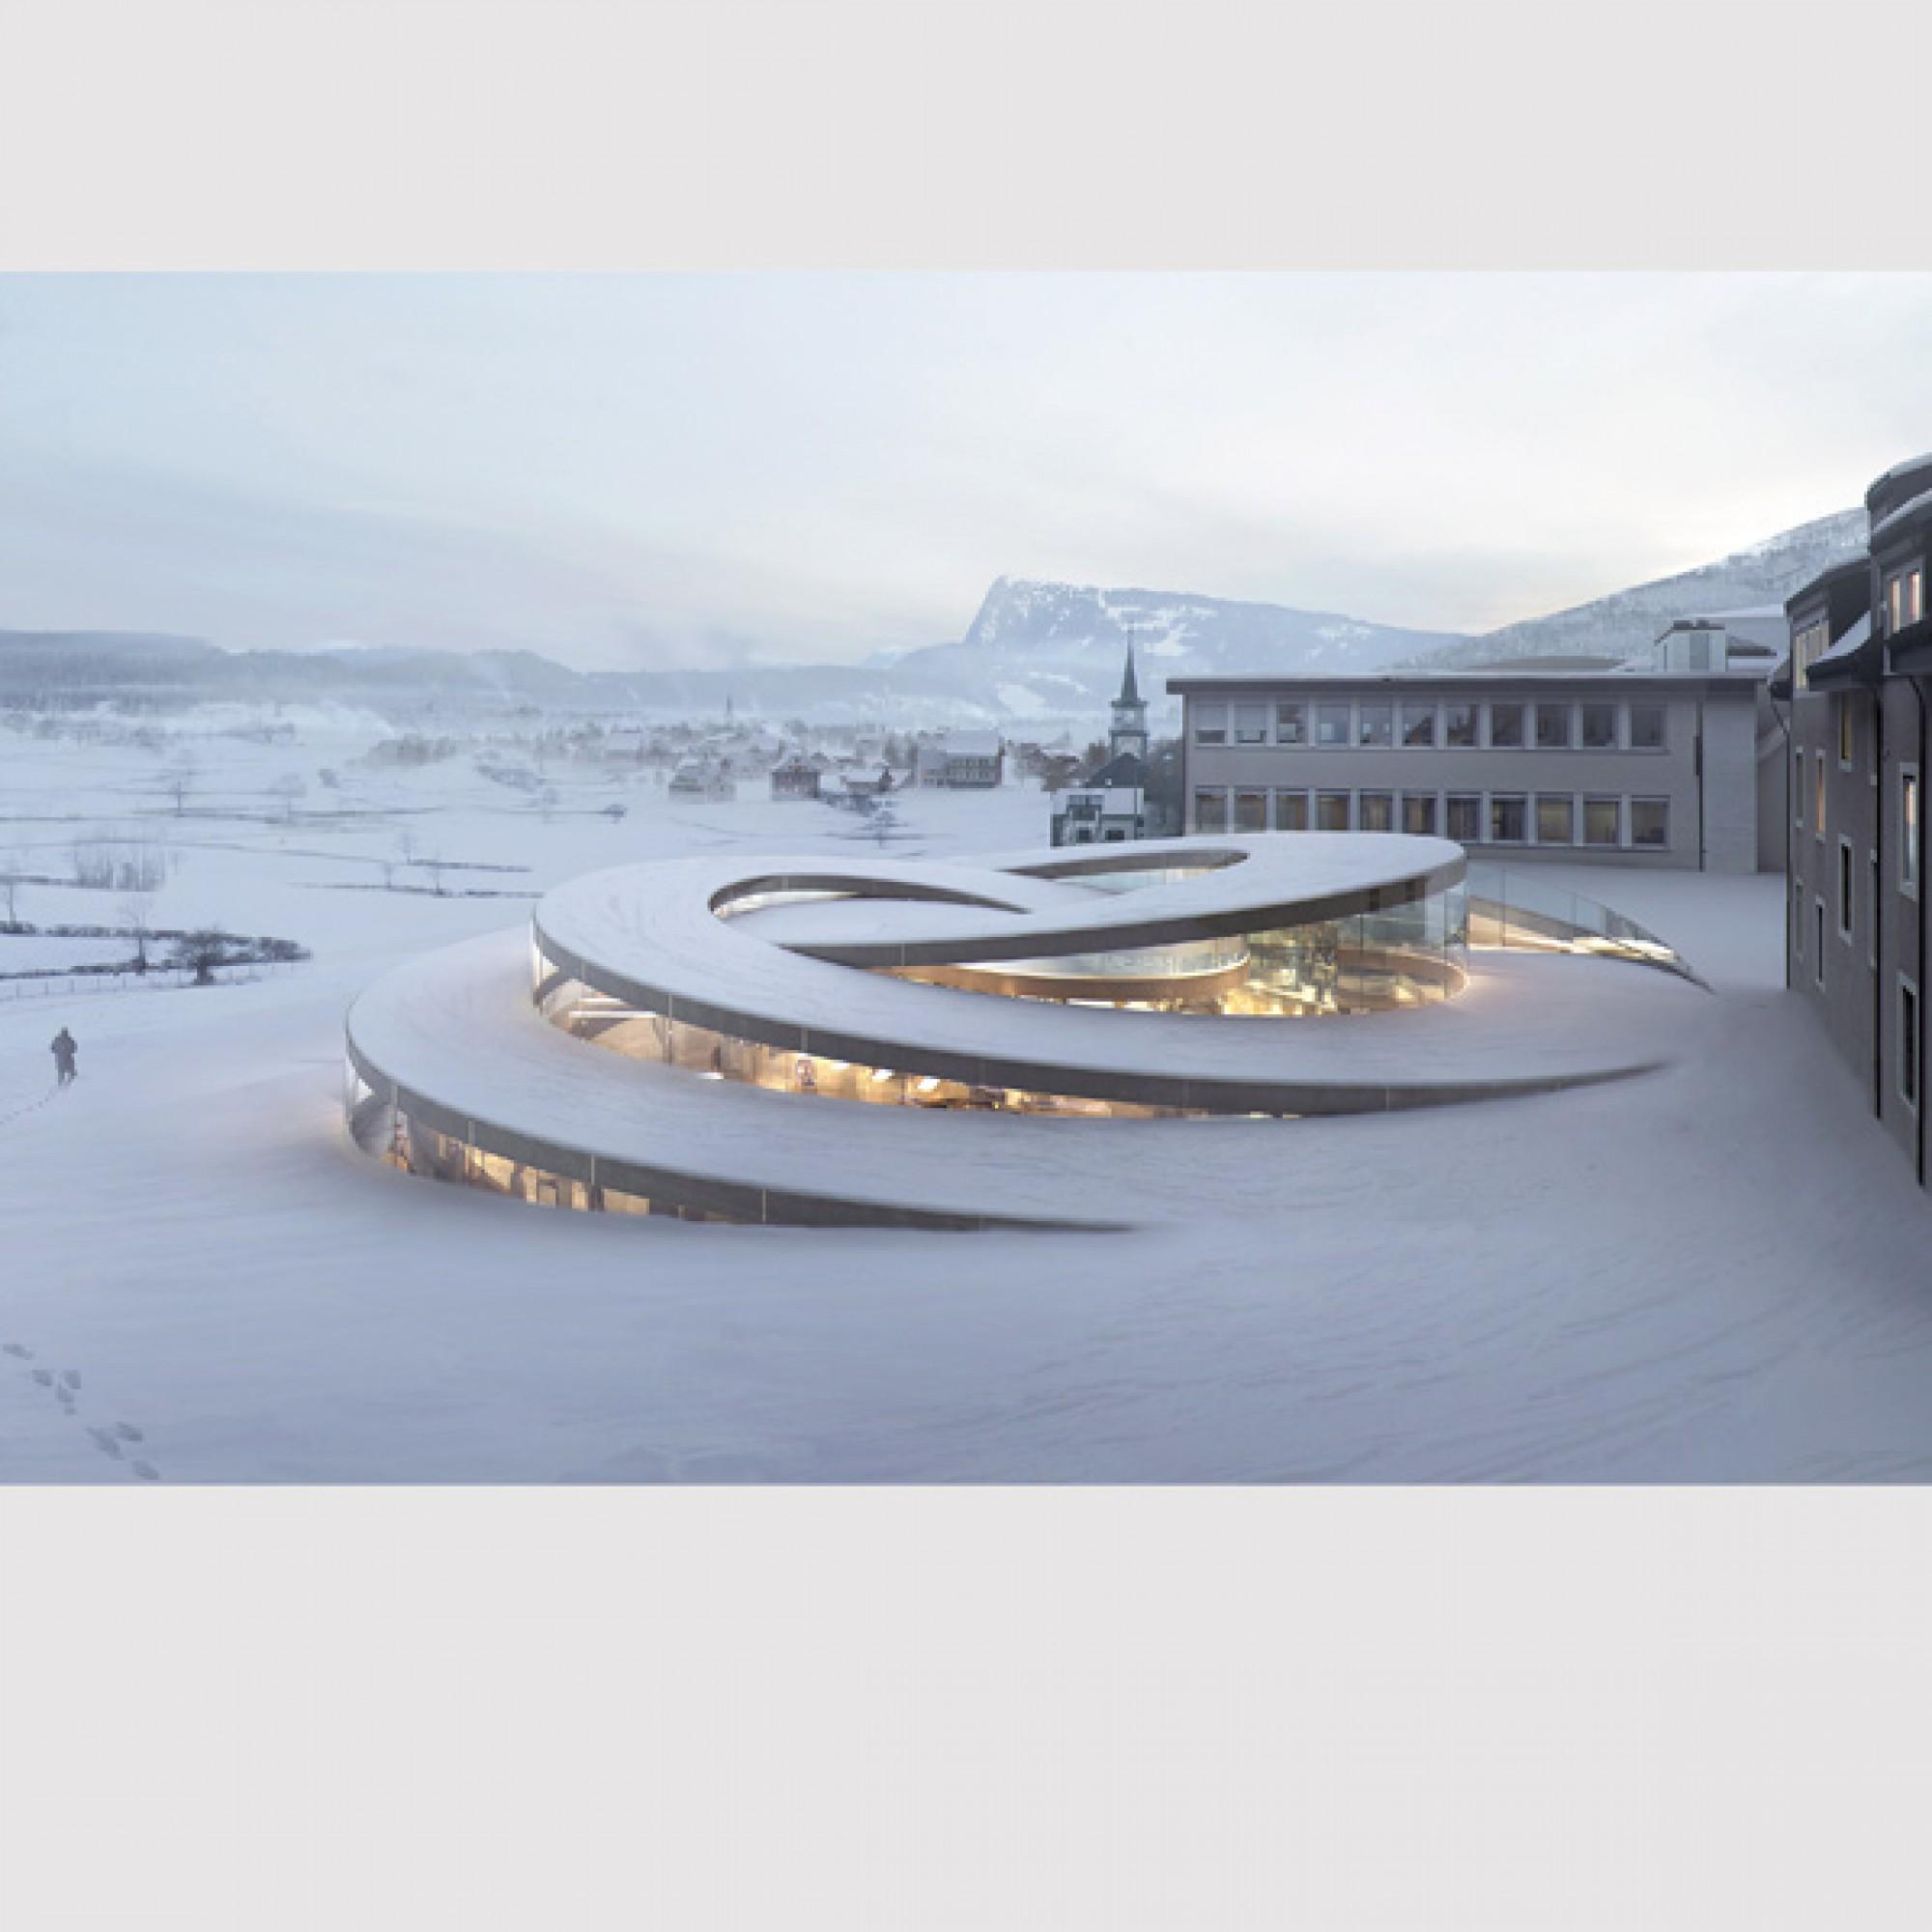 Bjarke Ingels entwarf in der Schweiz das Audemars Piguet Museum in Le Brassus VD.  (Visualisierung BIG / PD)